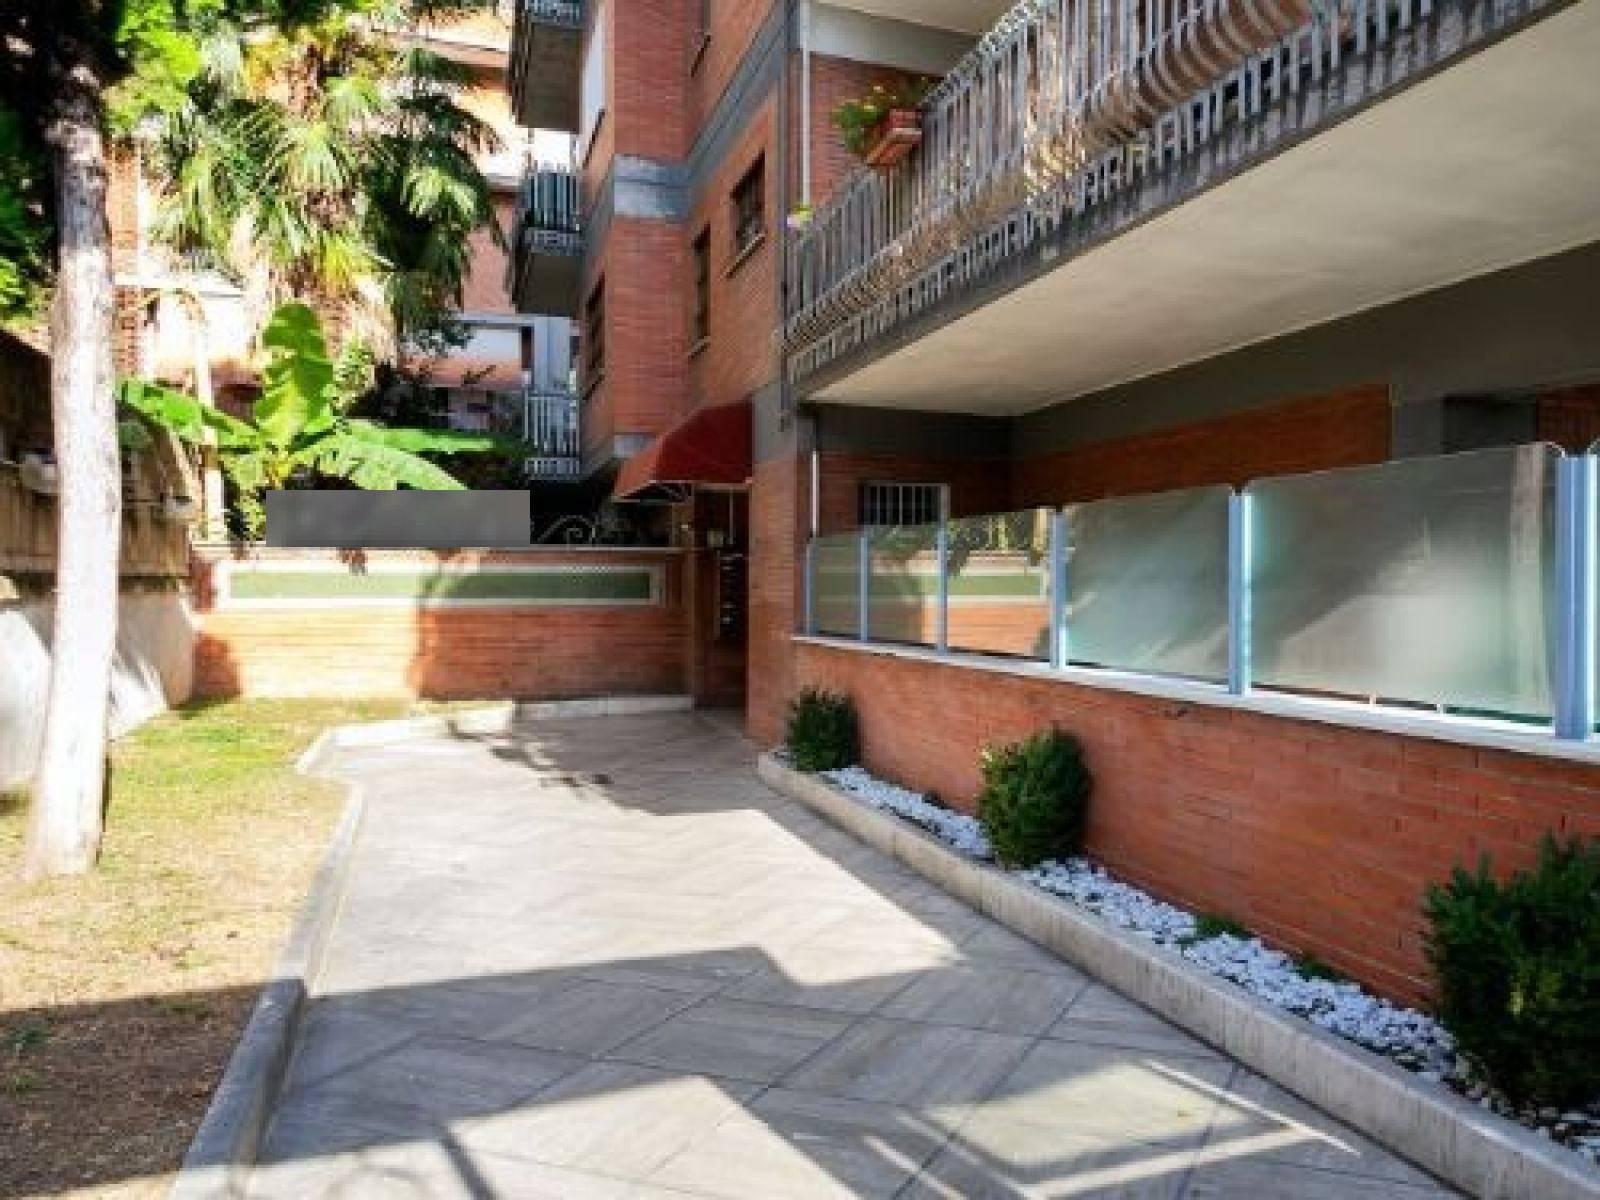 Appartamento in vendita a Roma, 2 locali, zona Zona: 5 . Montesacro - Talenti, prezzo € 174.000   CambioCasa.it